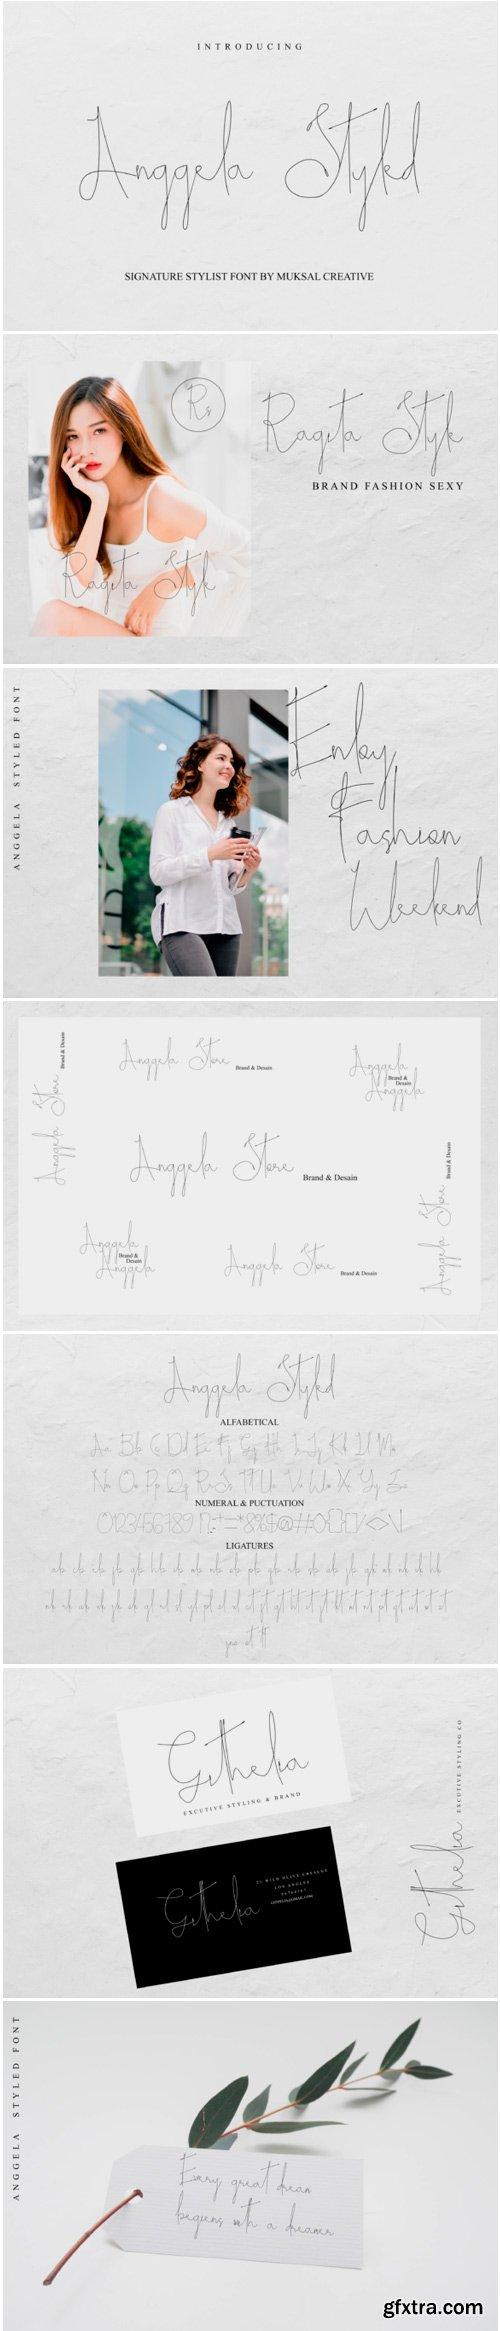 Anggela Styled Font